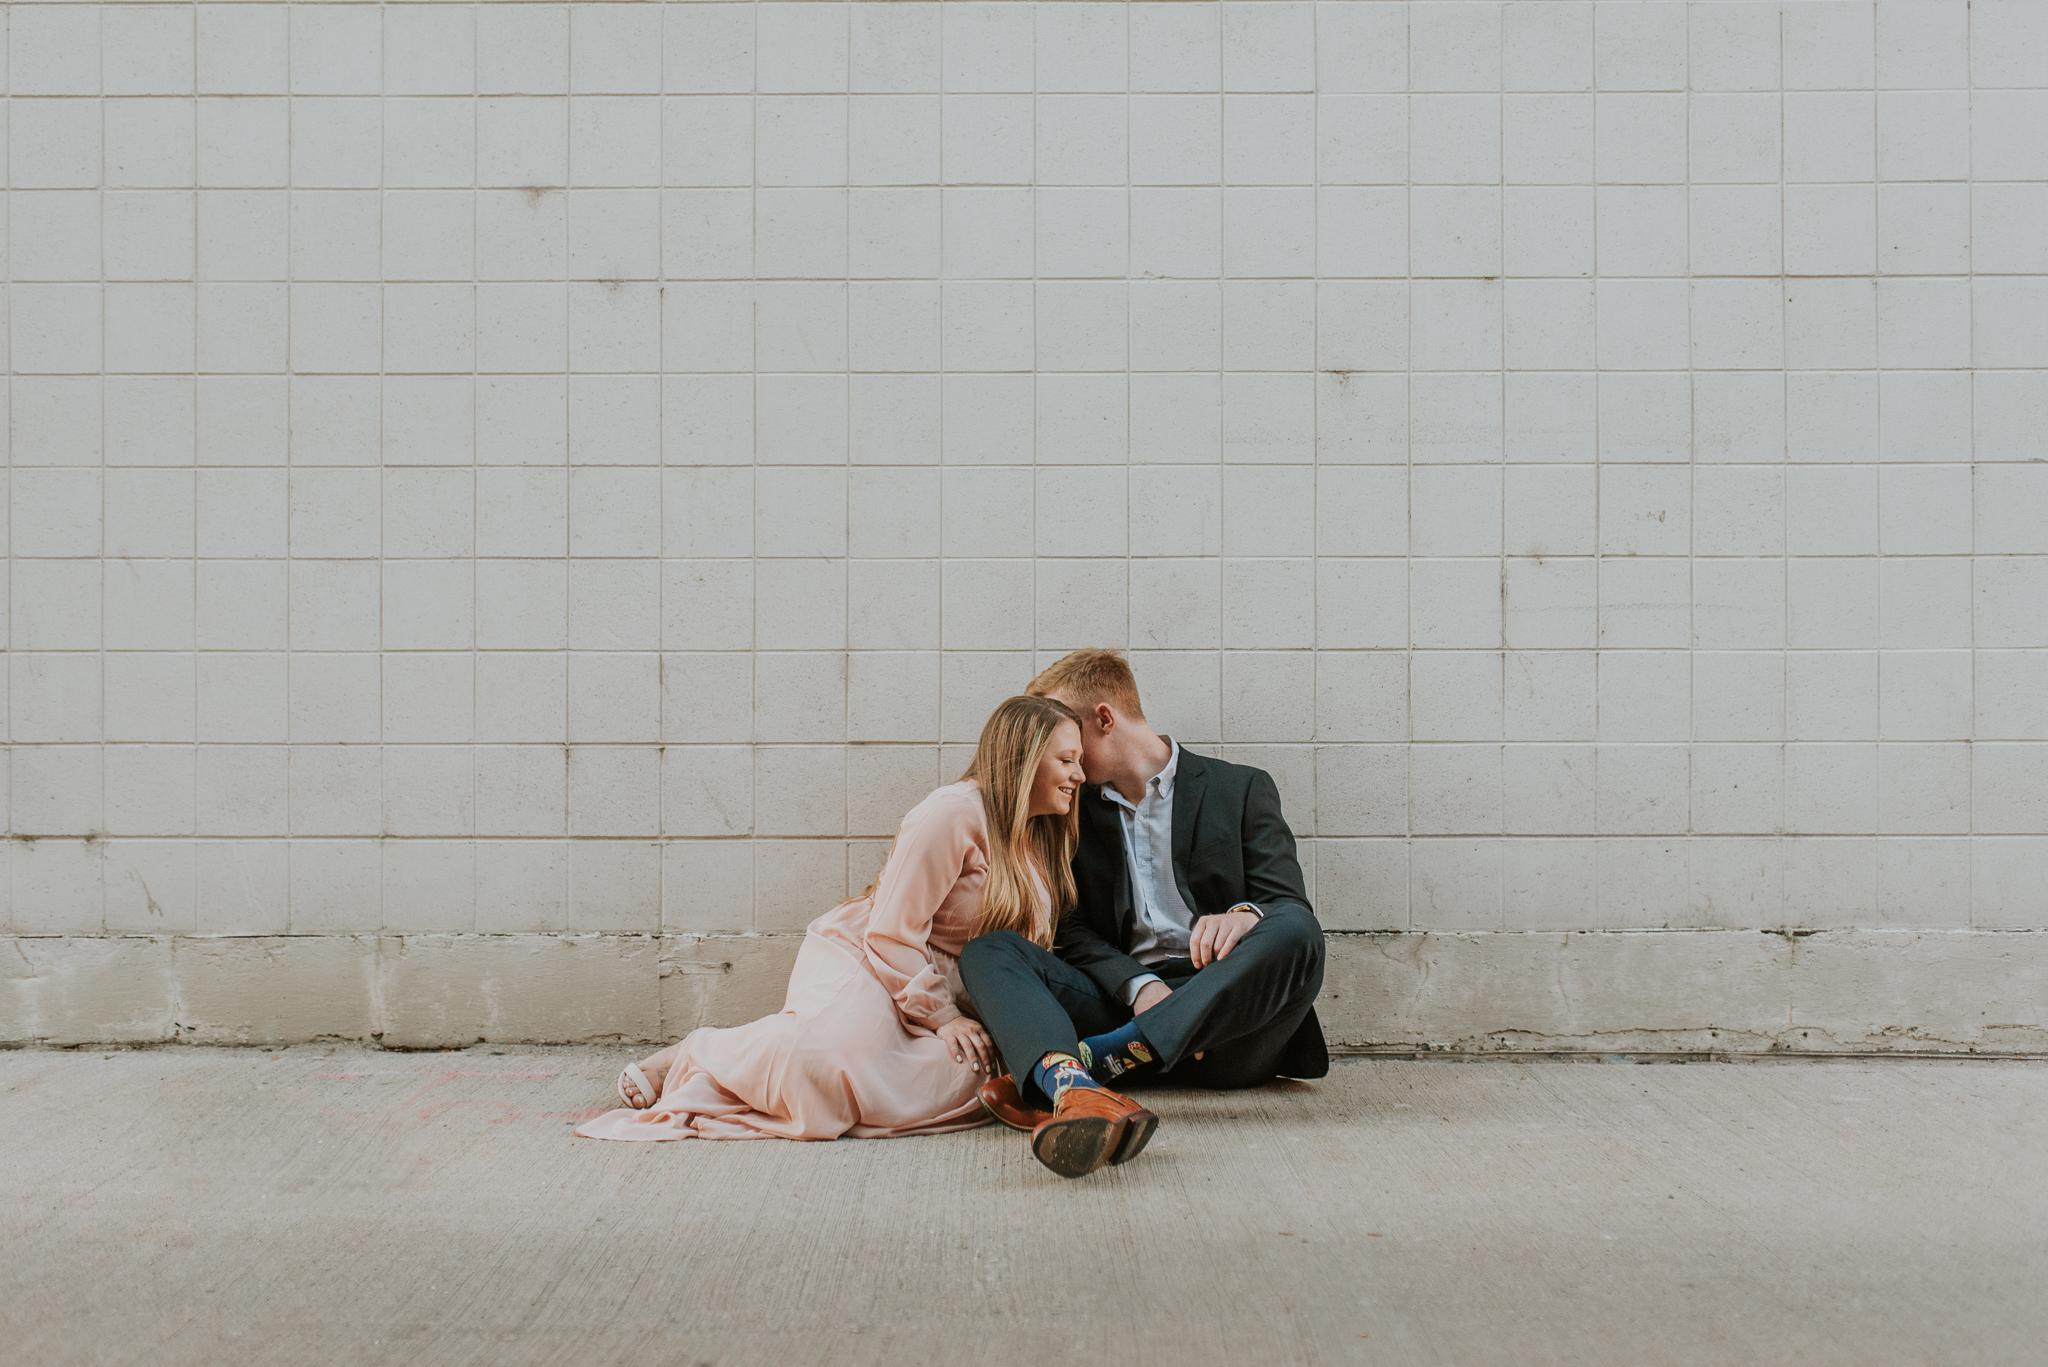 WEST LOOP ENGAGEMENT SESSION | CHICAGO ILLINOIS | KENOSHA WISCONSIN | WEDDINGS | LISH MARIE PHOTO-66.jpg